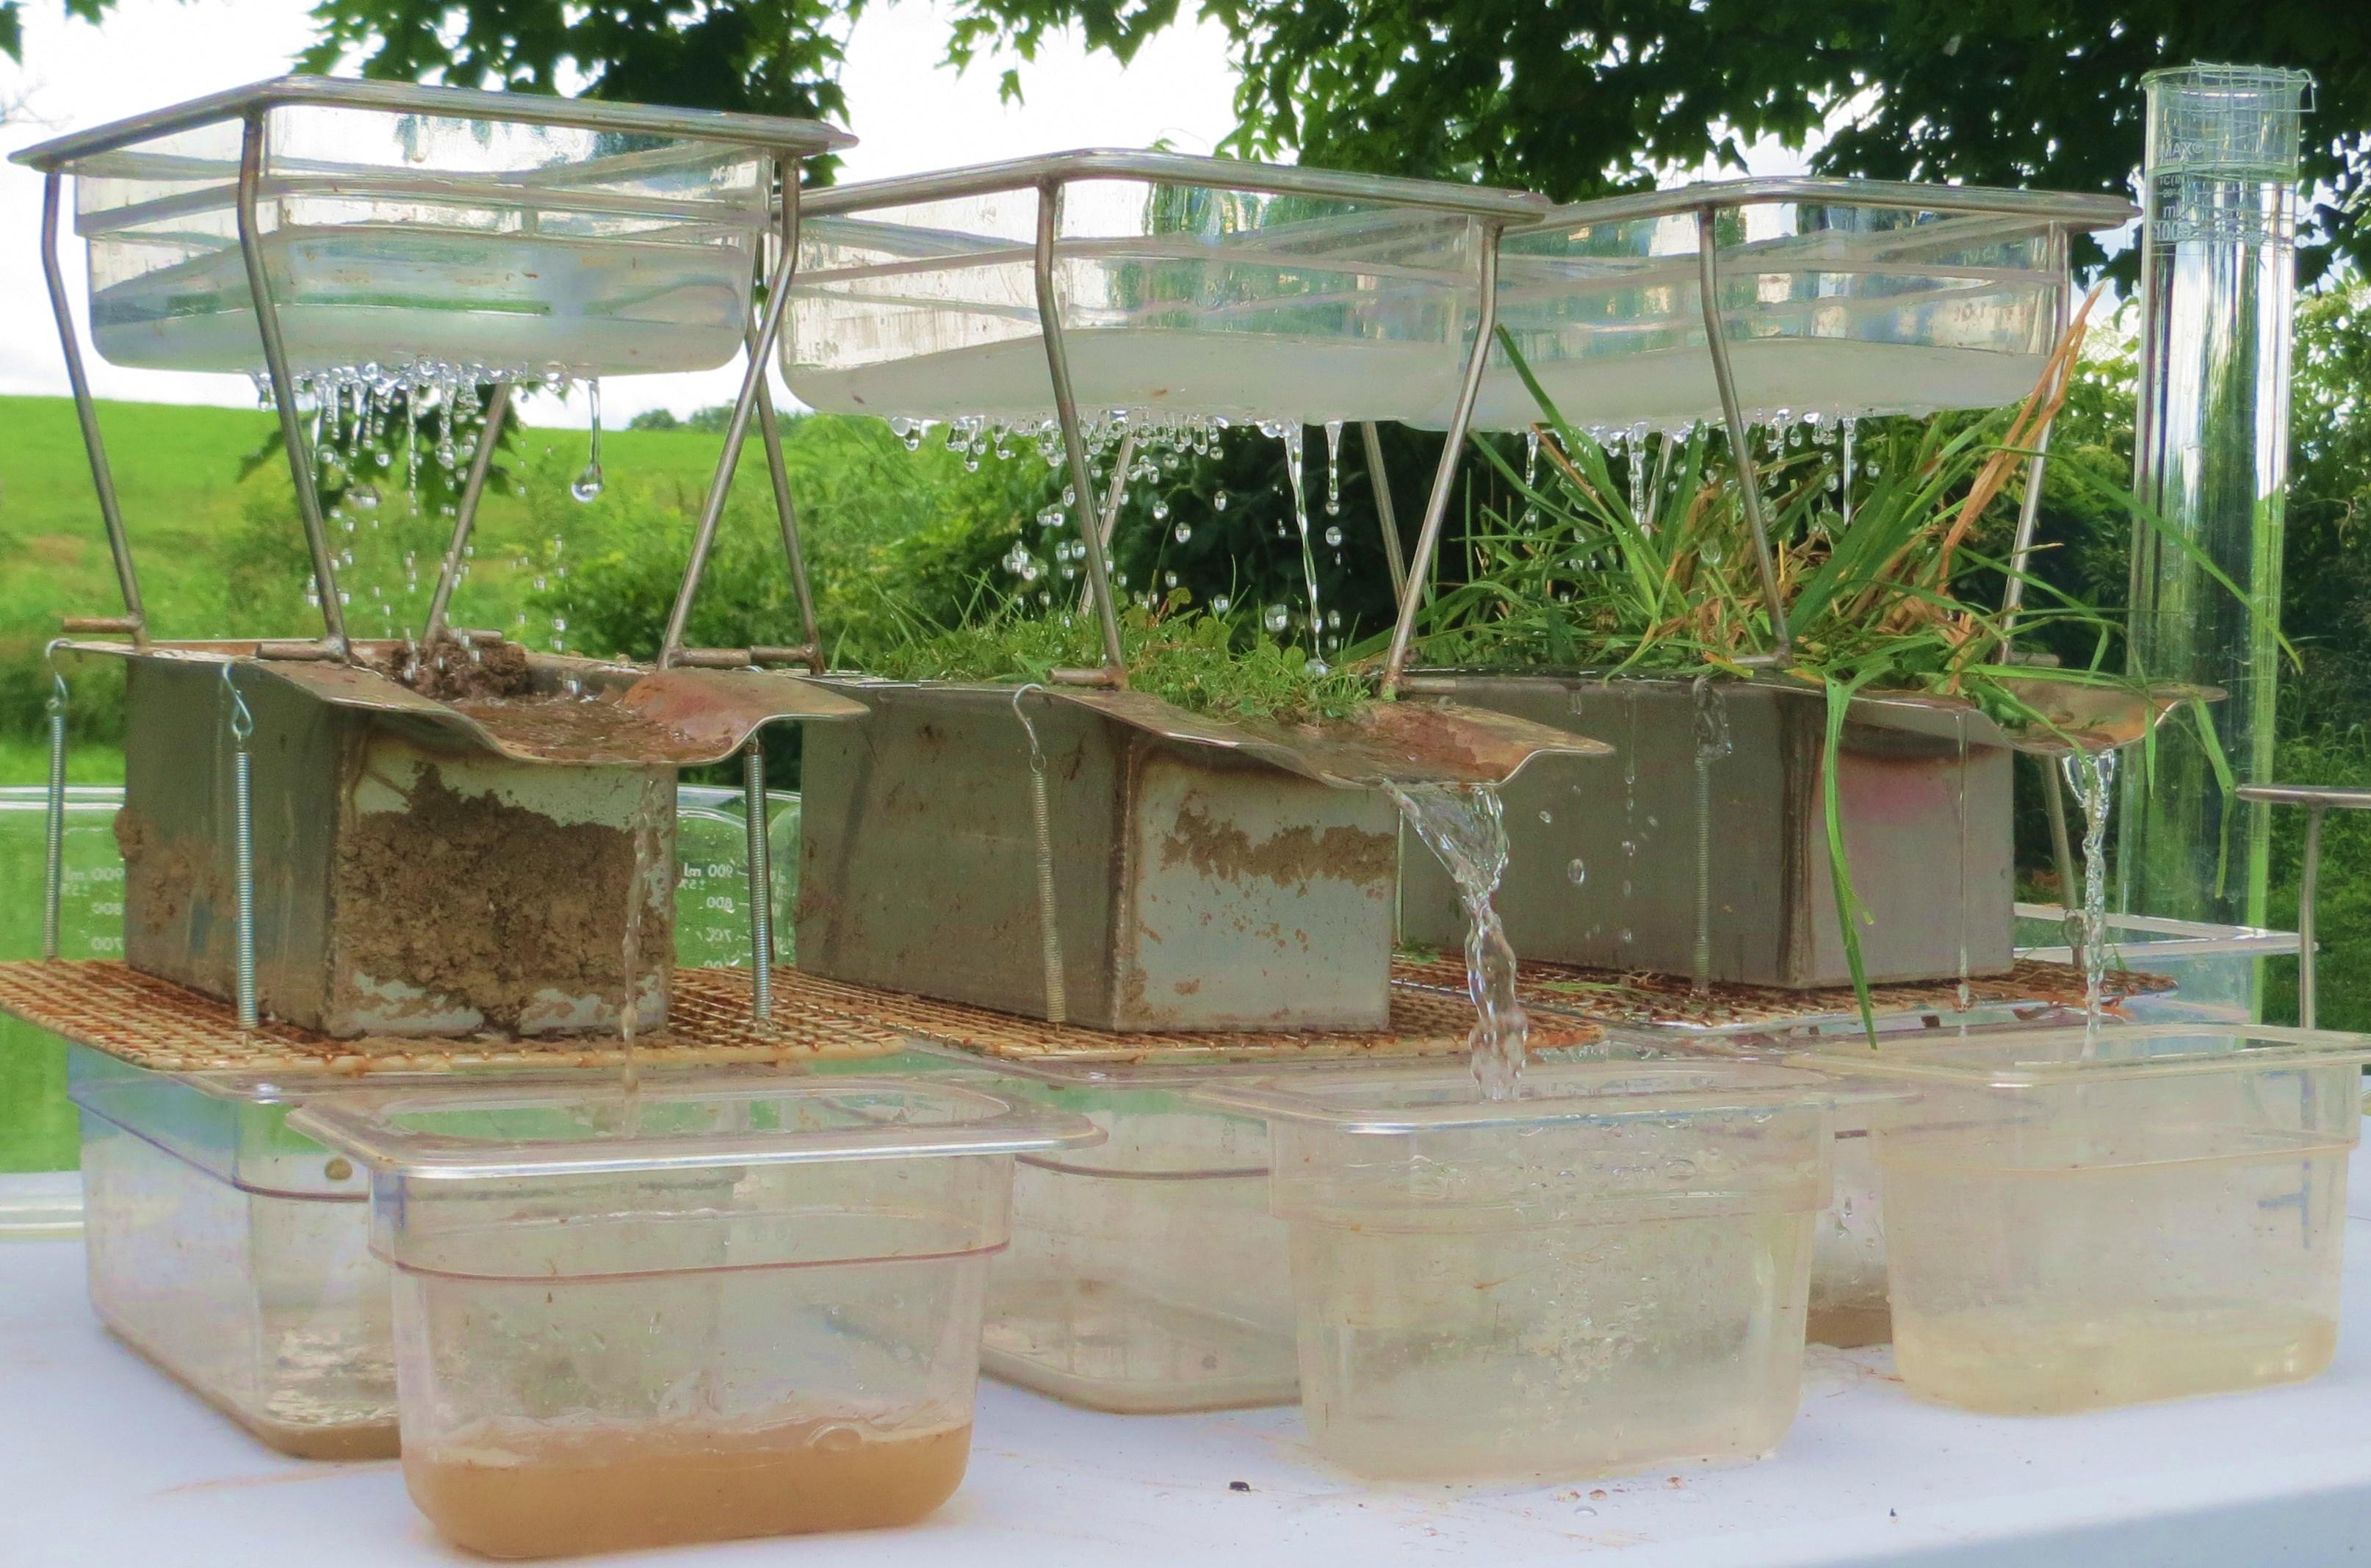 El compost reduce la erosión y pérdida de nutrientes en suelos